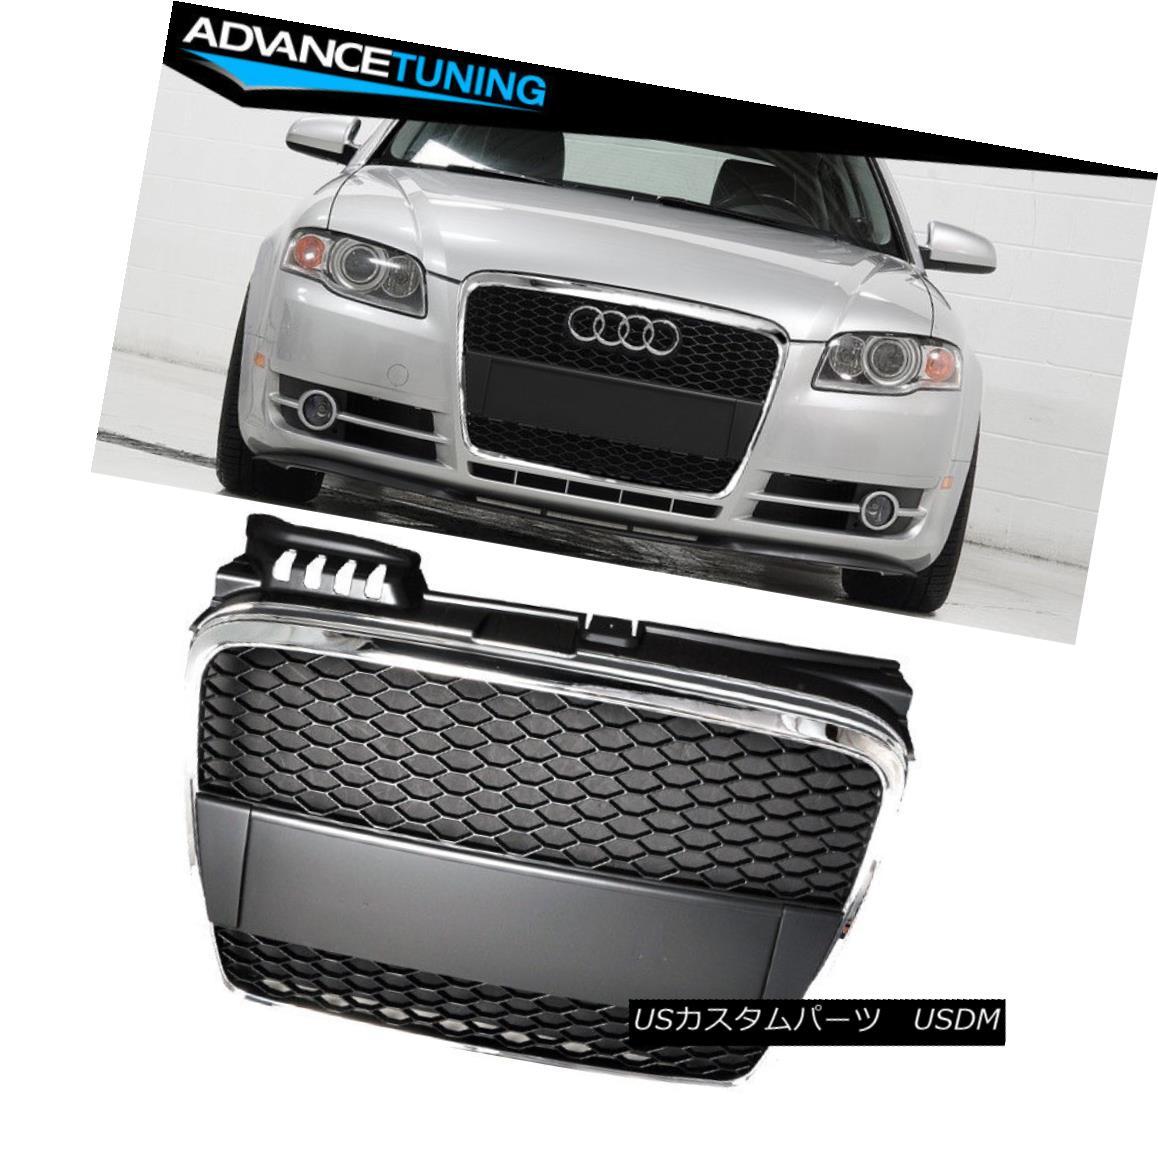 グリル Fit For 06-07 08 Audi A4 B7 Mesh RS Style Front Hood Grille Chrome New フィット06-07 08アウディA4 B7メッシュRSスタイルフロントフードグリルクロム新しい